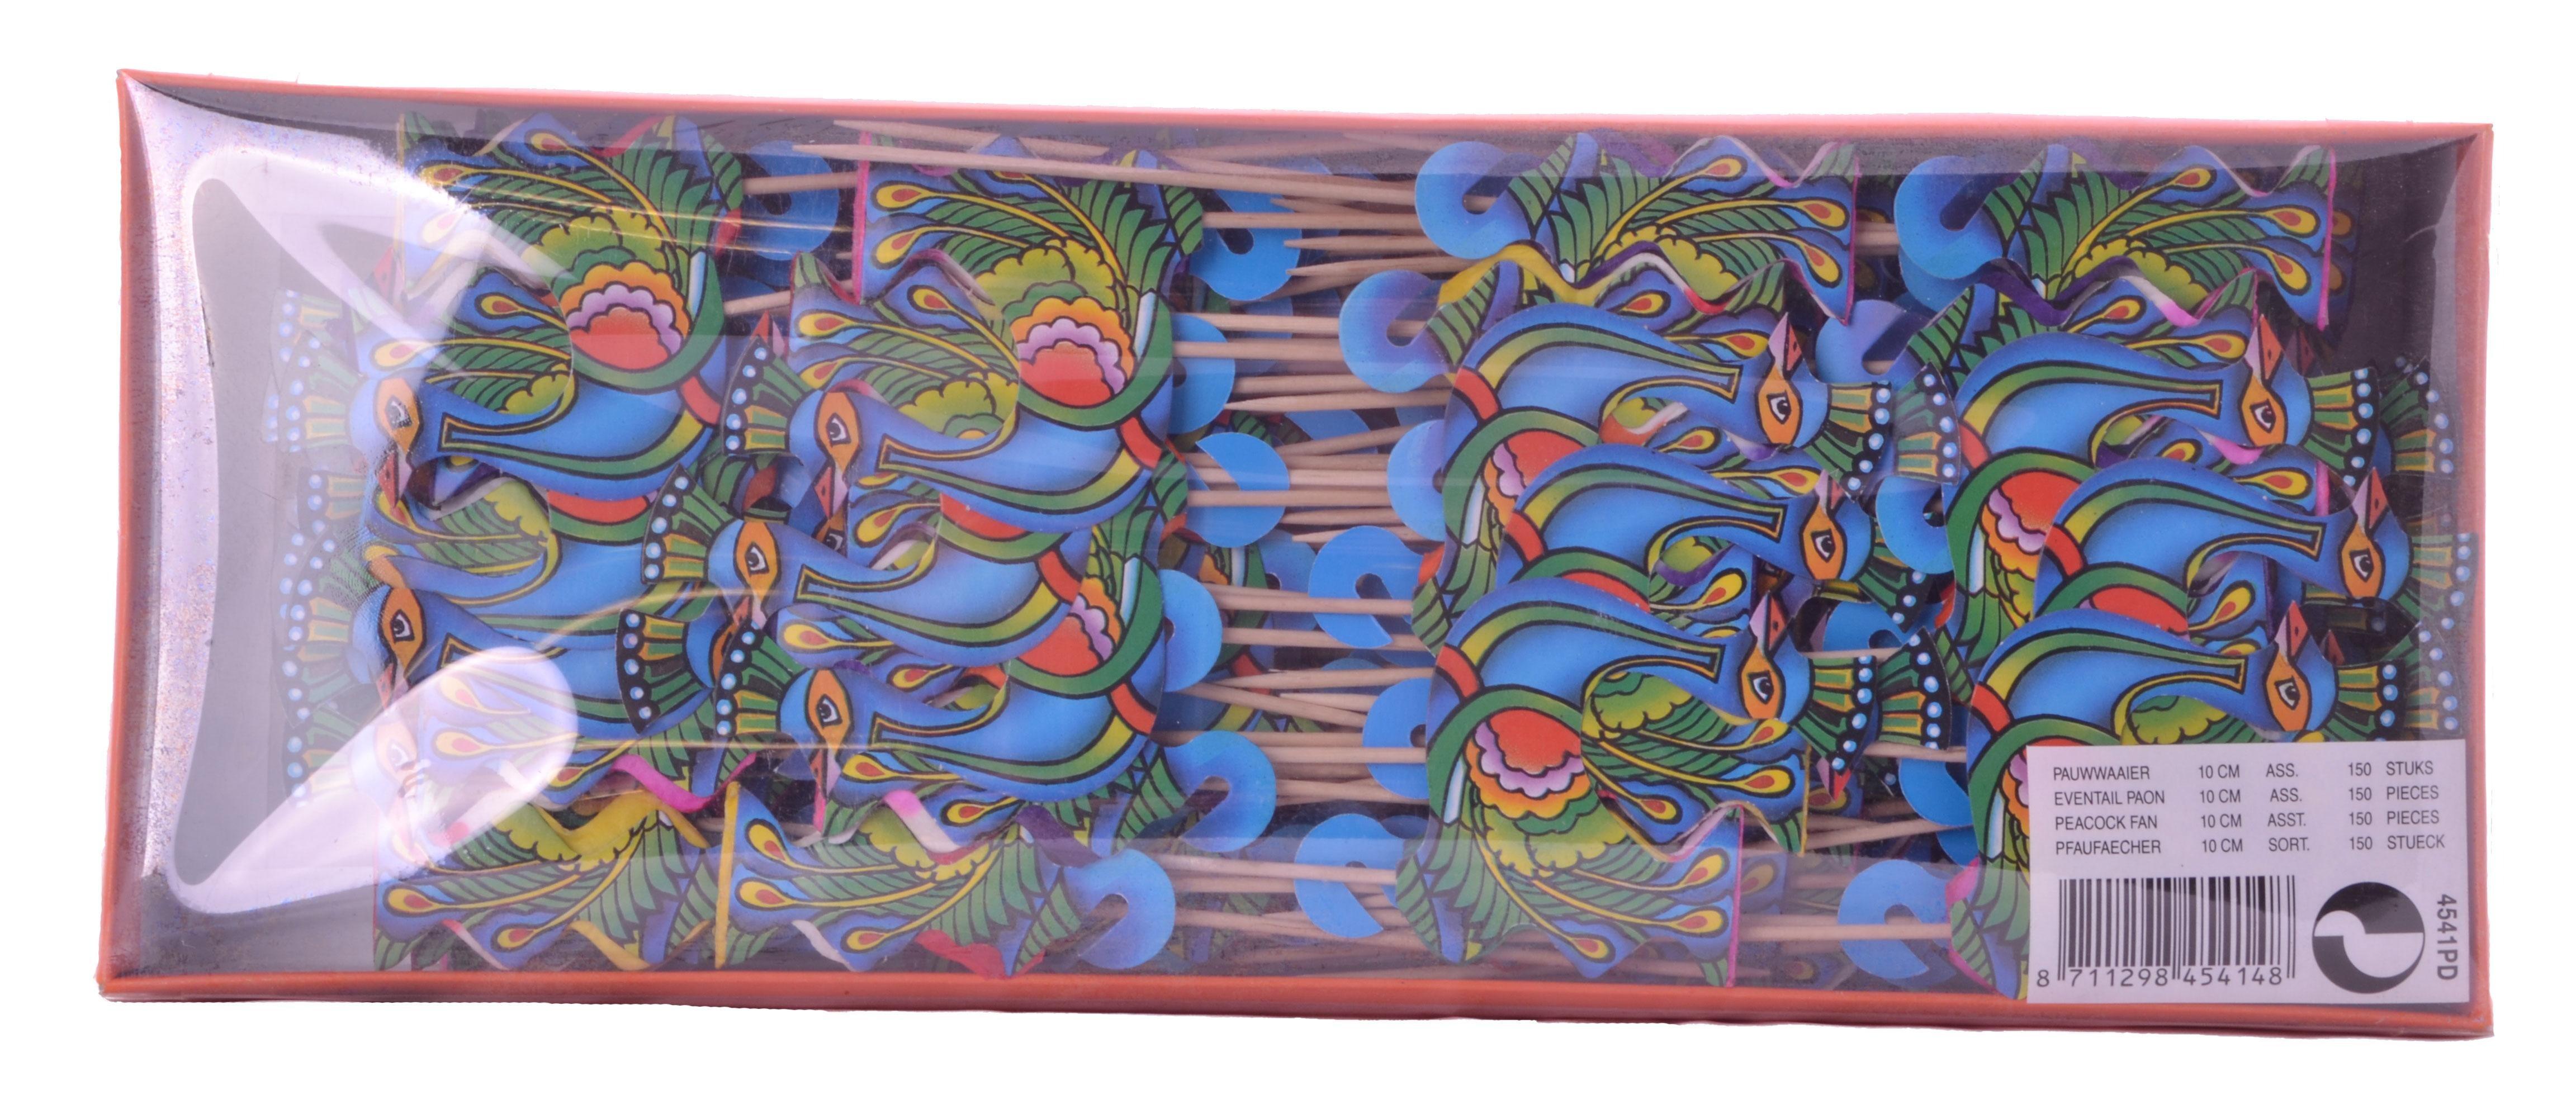 Peacock fan on pick 10cm 150pcs 4541PD